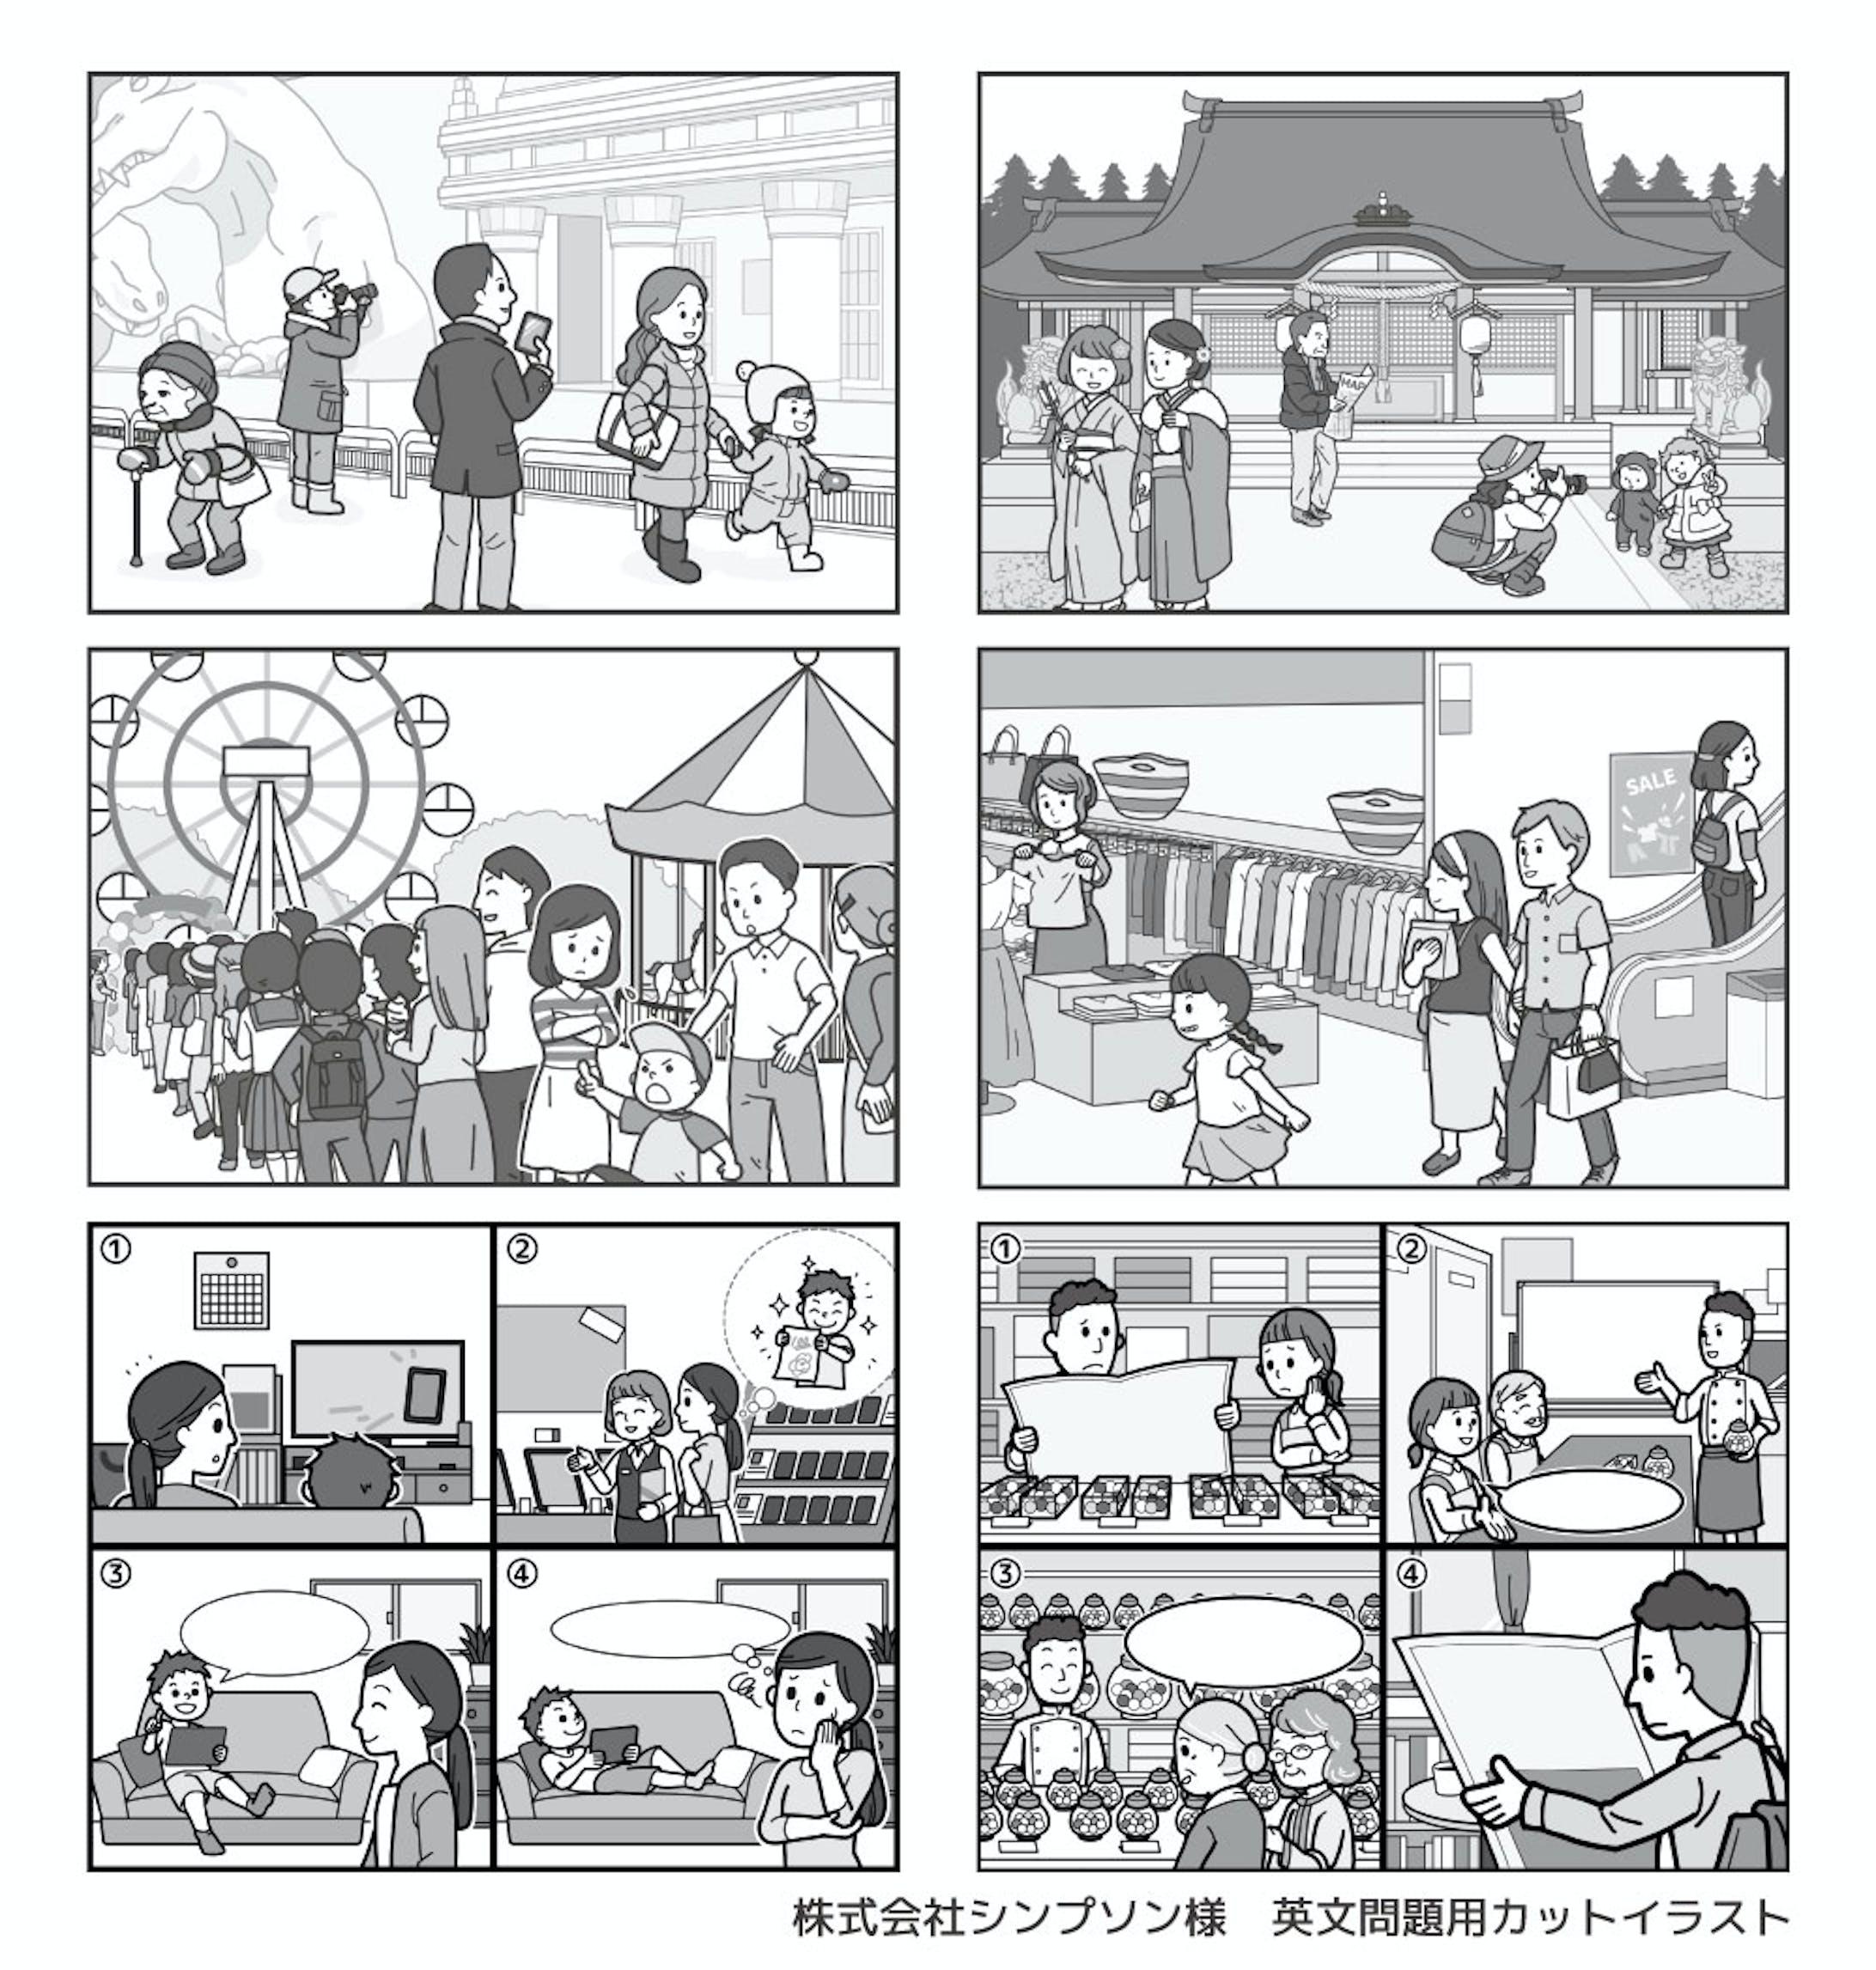 英文問題用カットイラスト-1